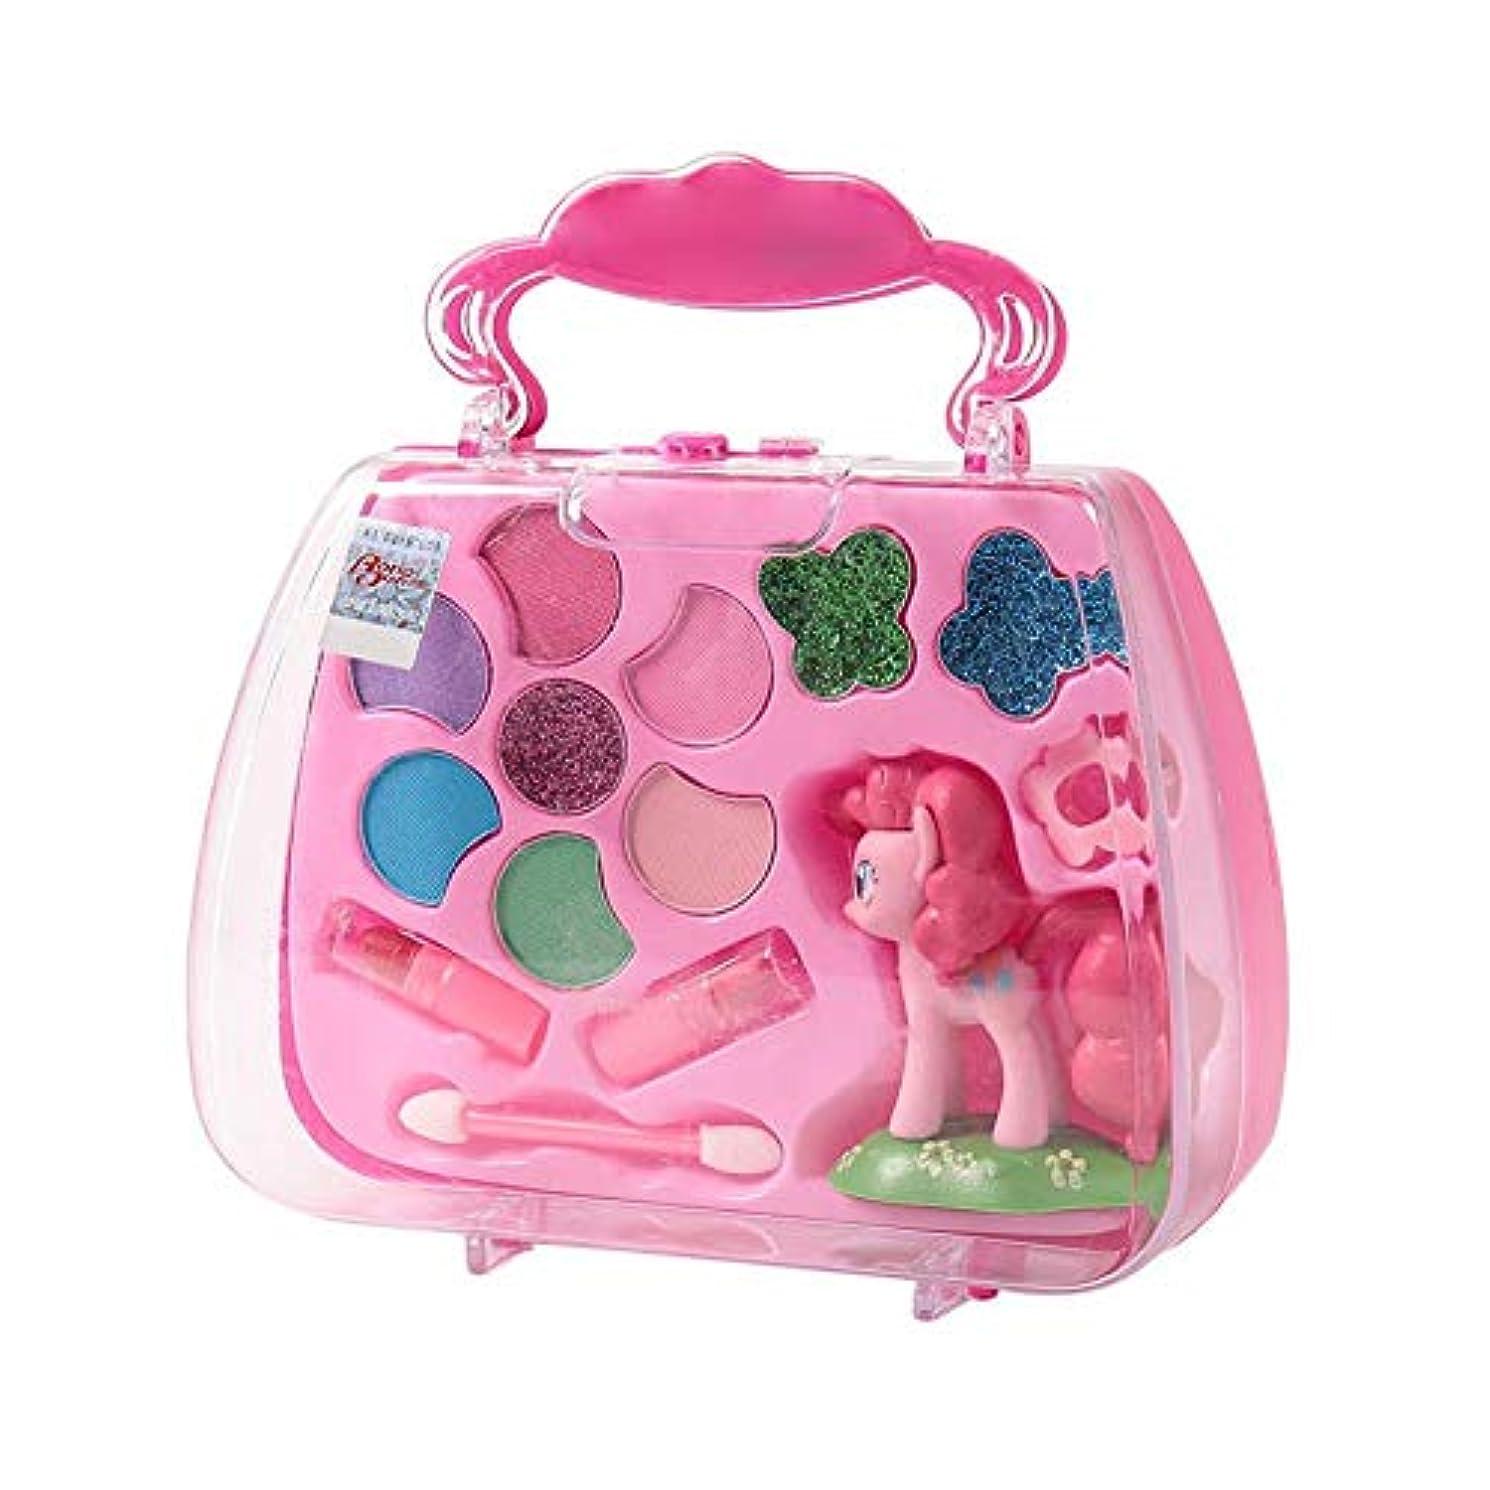 熱帯の定常アルファベット順メイクアップごっこ お化粧おもちゃセット メイクアップ おもちゃ 女の子向け 丈夫 耐用 環境保護 安全 無毒 パズル 親子インタラクション 初期の教育